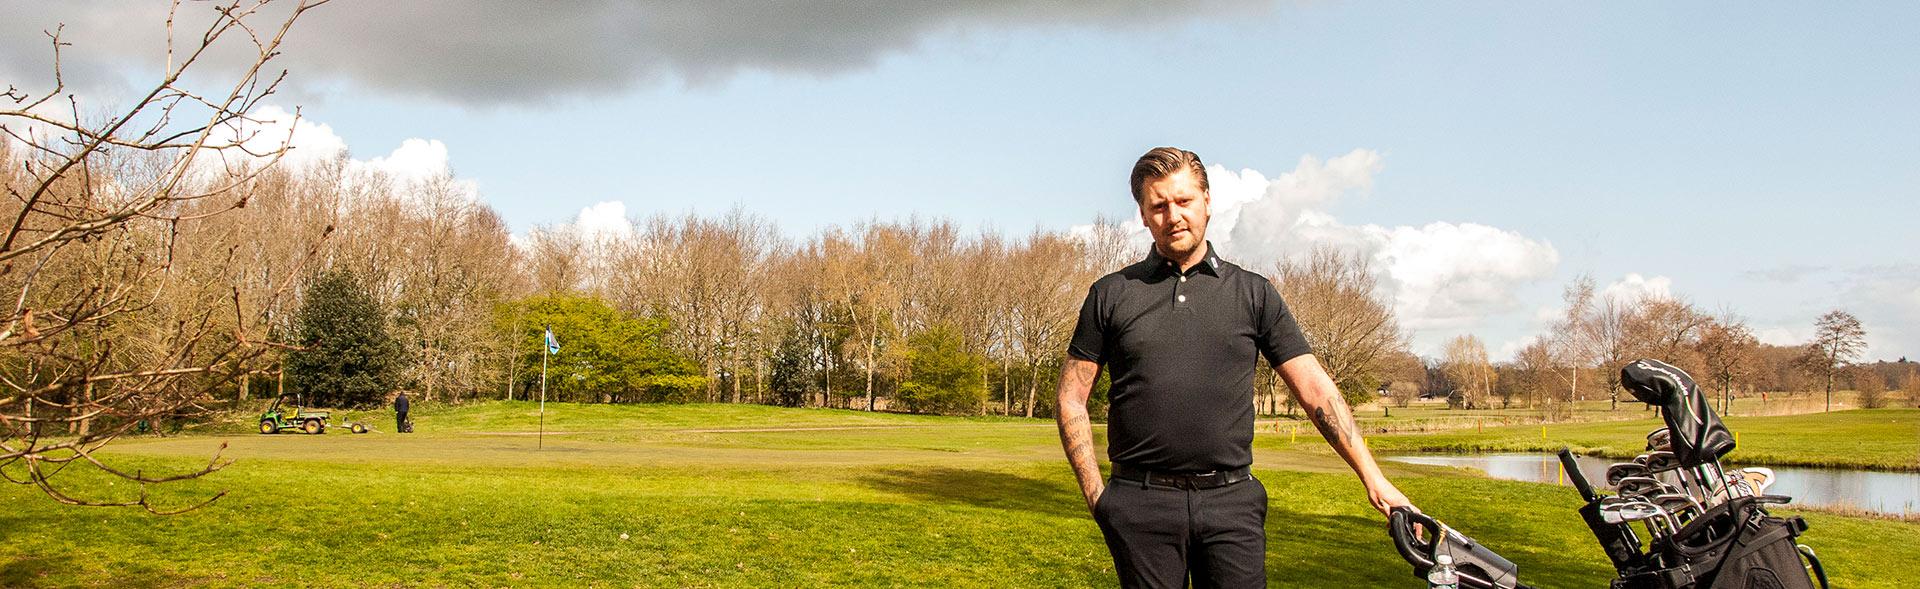 Golfclub Zwolle is een club die staat voor verbinding